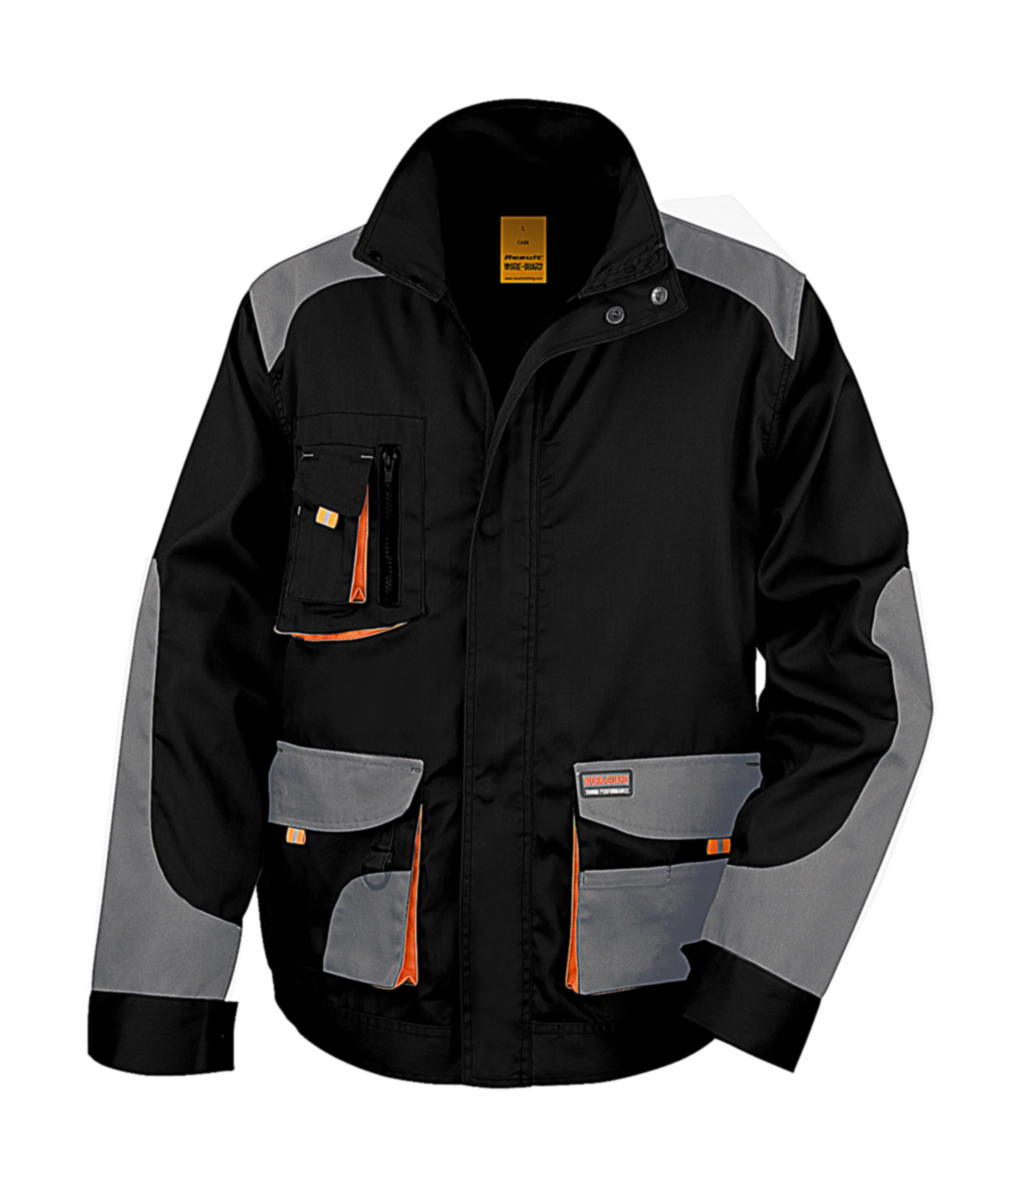 LITE Jacket - zvìtšit obrázek